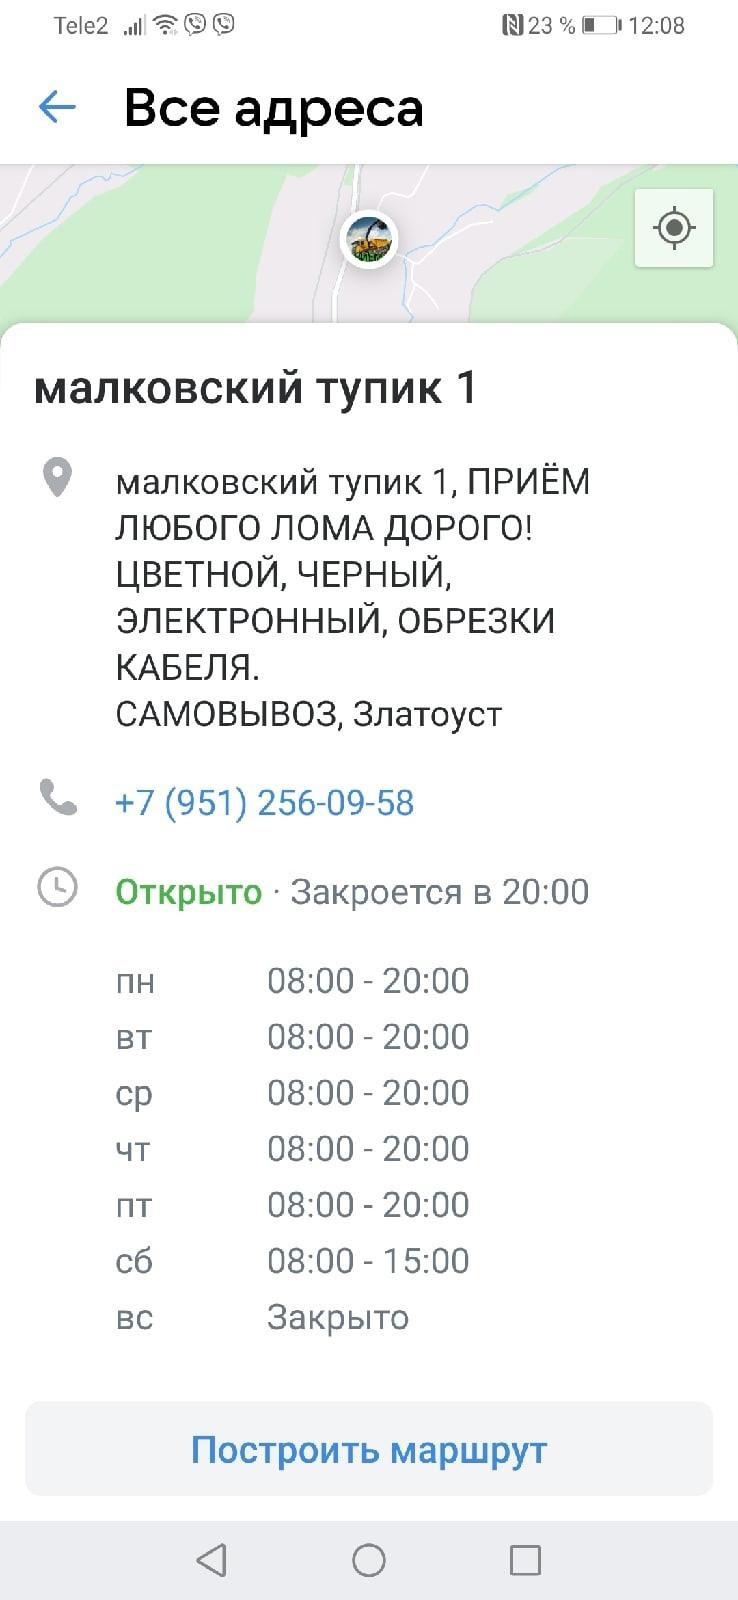 Звоните по телефону: +7 (951)-256-09-58,